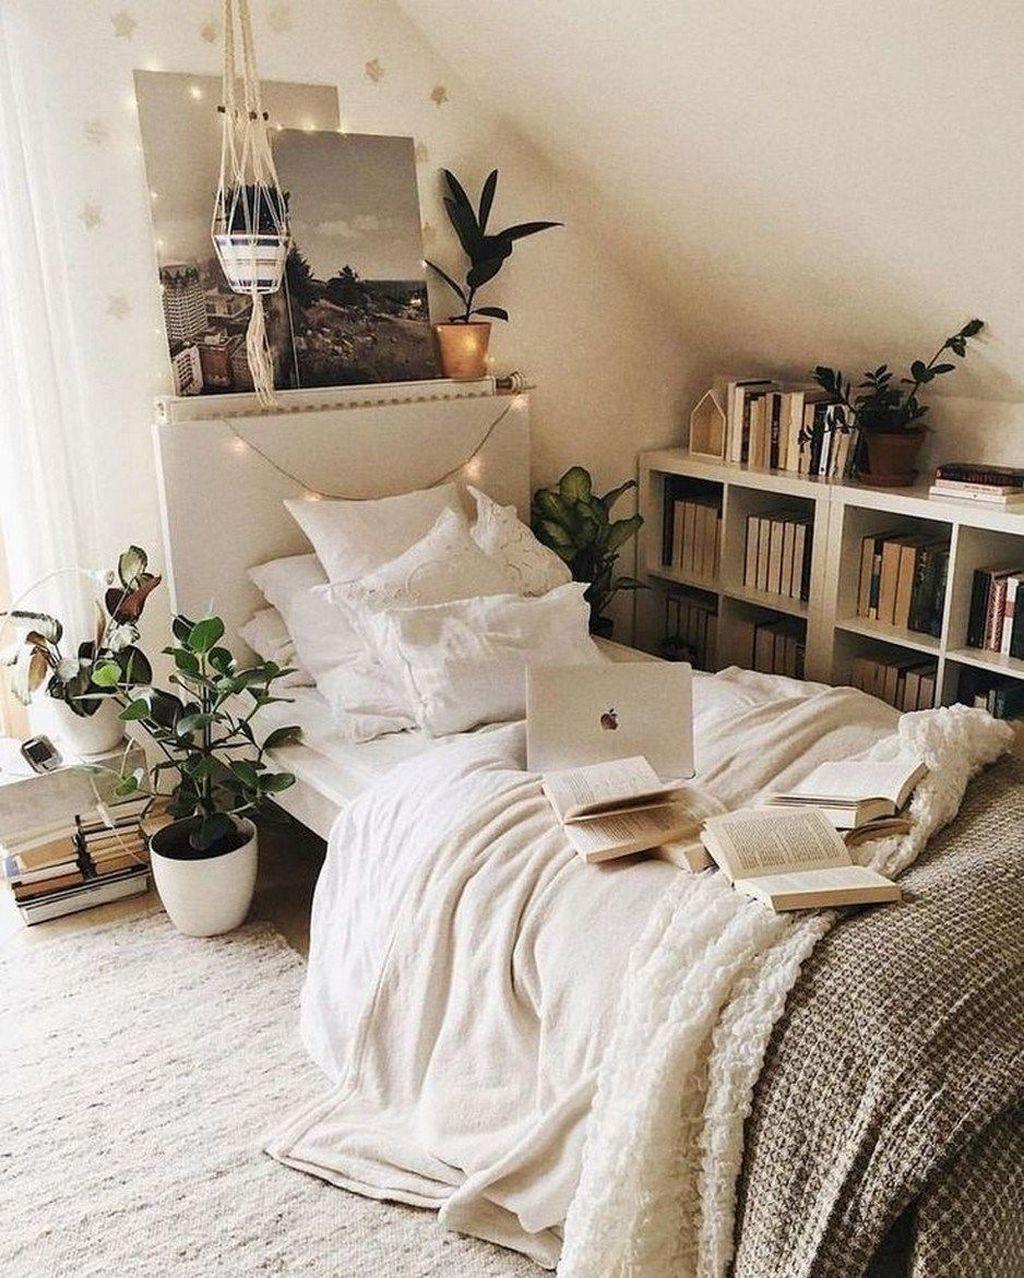 30 minimalist bedroom decoration ideas that looks more on cozy minimalist bedroom decorating ideas id=16956